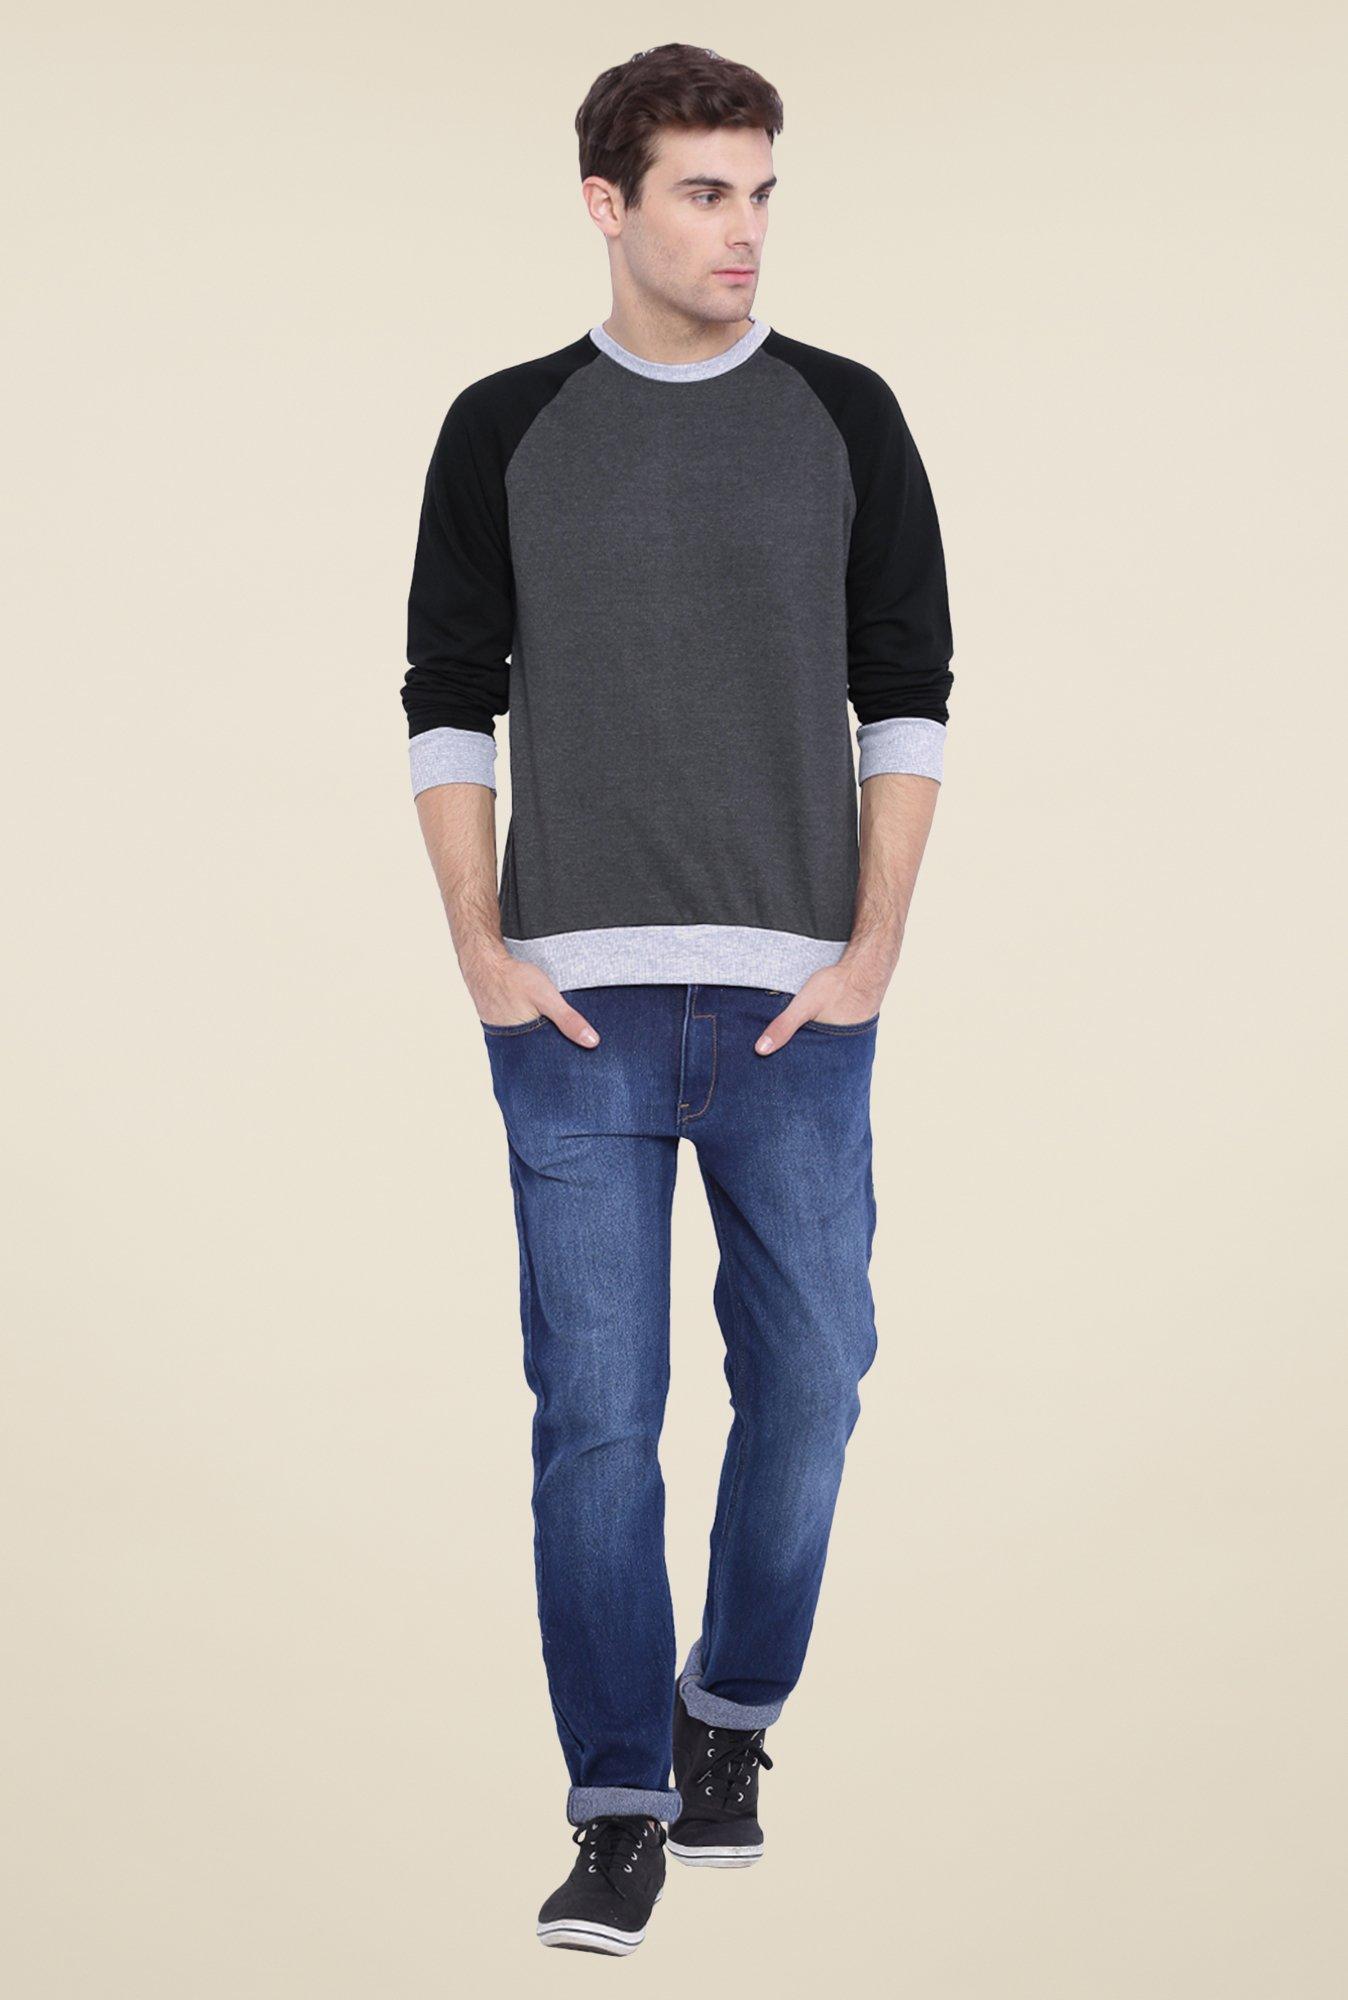 Campus Sutra Dark Grey Solid Sweatshirt